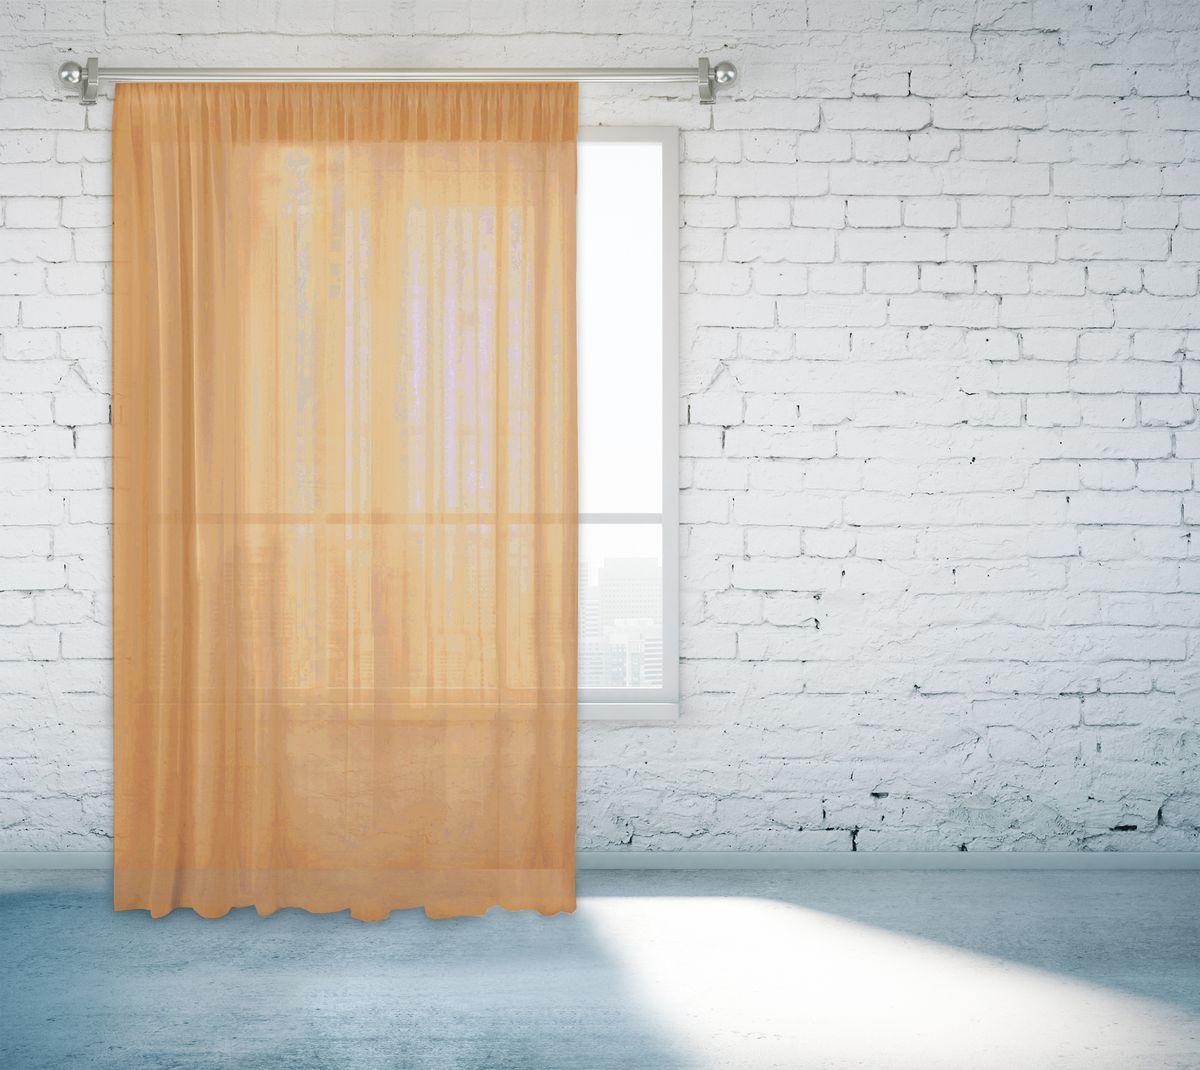 Тюль Zlata Korunka, на ленте, цвет: светло-коричневый, высота 260 см. 55670-1655670-16Тюль Zlata Korunka, изготовленный из полиэстера, великолепно украсит любое окно. Воздушная ткань и приятная, приглушенная гамма привлекут к себе внимание и органично впишутся в интерьер помещения. Полиэстер - вид ткани, состоящий из полиэфирных волокон. Ткани из полиэстера - легкие, прочные и износостойкие. Такие изделия не требуют специального ухода, не пылятся и почти не мнутся.Тюль крепится на карниз при помощи ленты, которая поможет красиво и равномерно задрапировать верх. Такой тюль идеально оформит интерьер любого помещения.